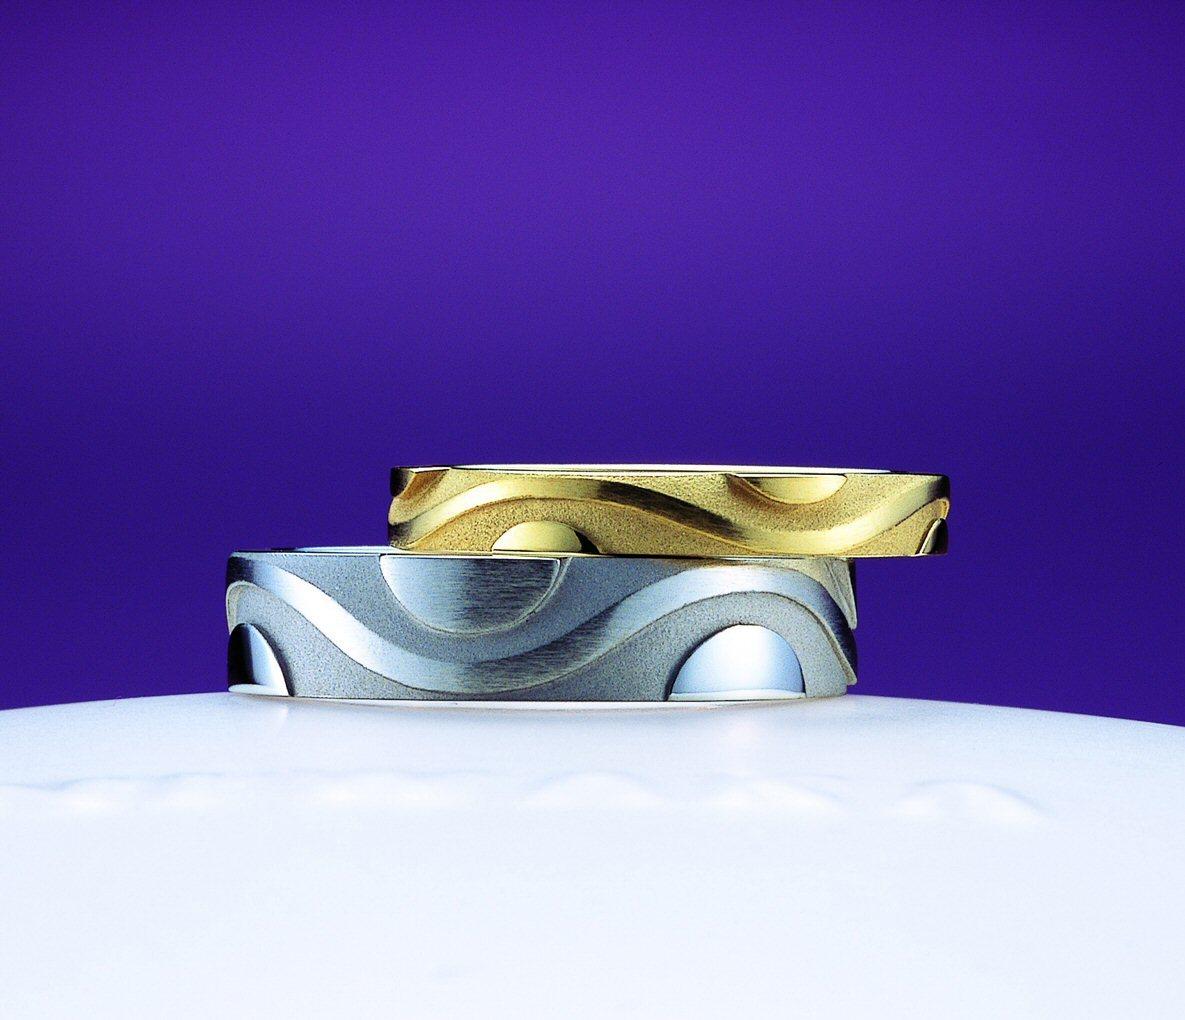 「風神(ふうじん)」の物語~見守っていただいて感謝です~俄の結婚指輪のエピソード_f0118568_10501712.jpg